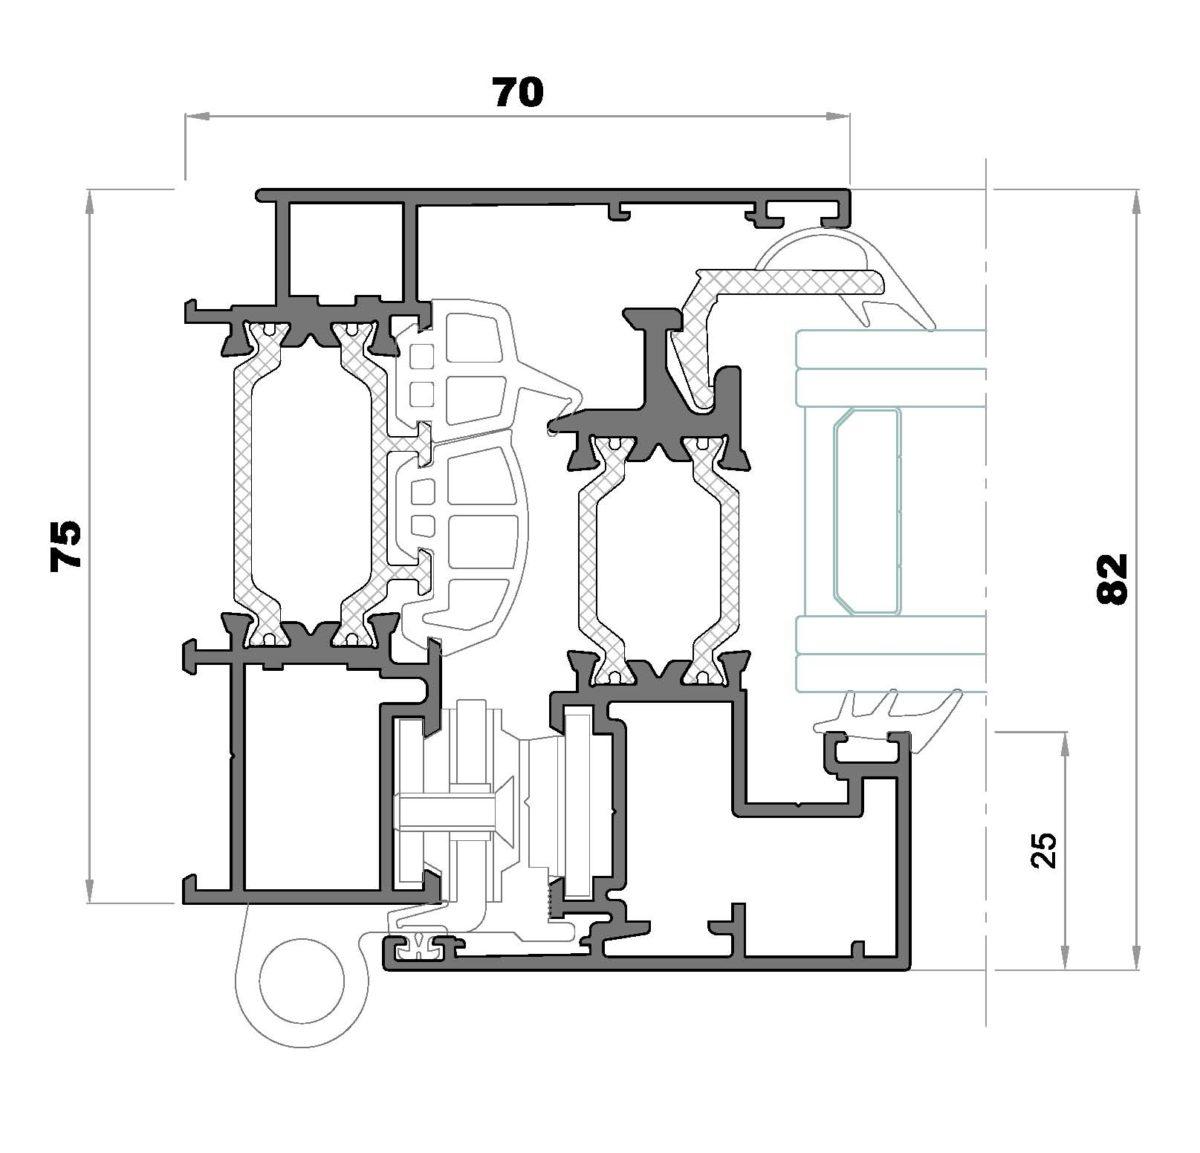 Alg 75 HS-Seccion lateral ventana Cerco huella